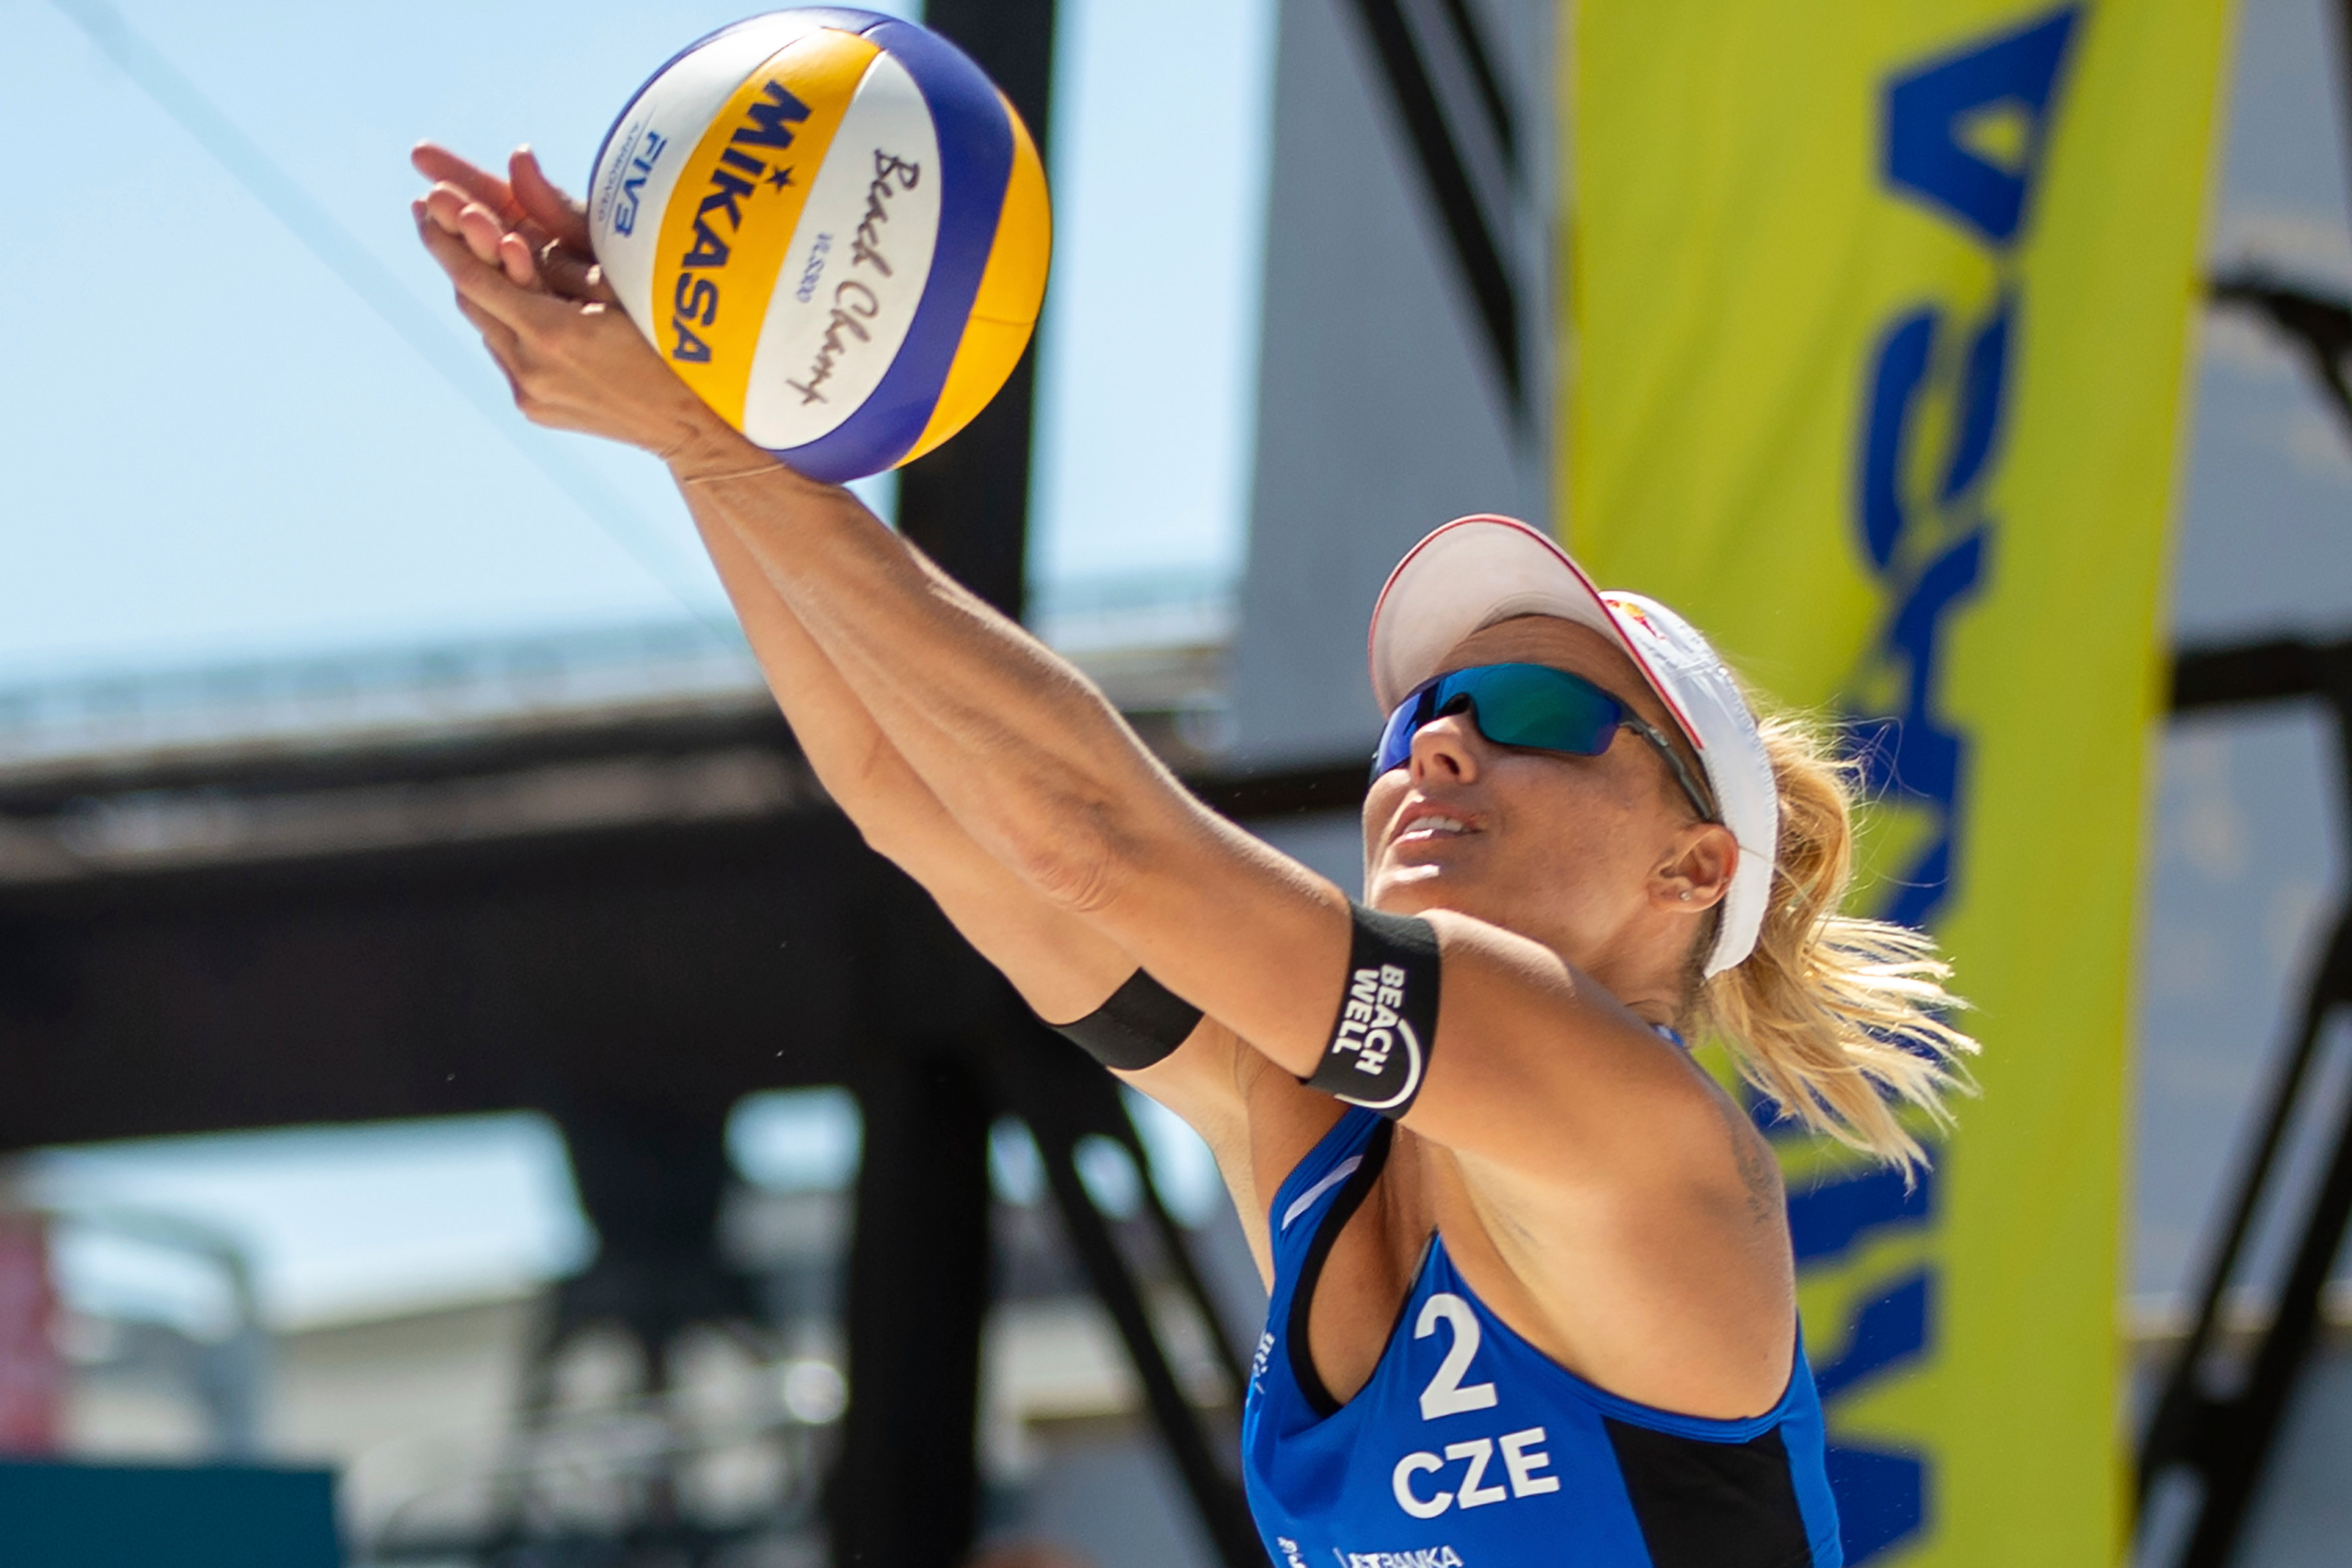 Markéta Sluková-Nausch of Czech Republic returns the ball during the Ostrava Beach Open in Ostrava, Czech Republic, on June 4.